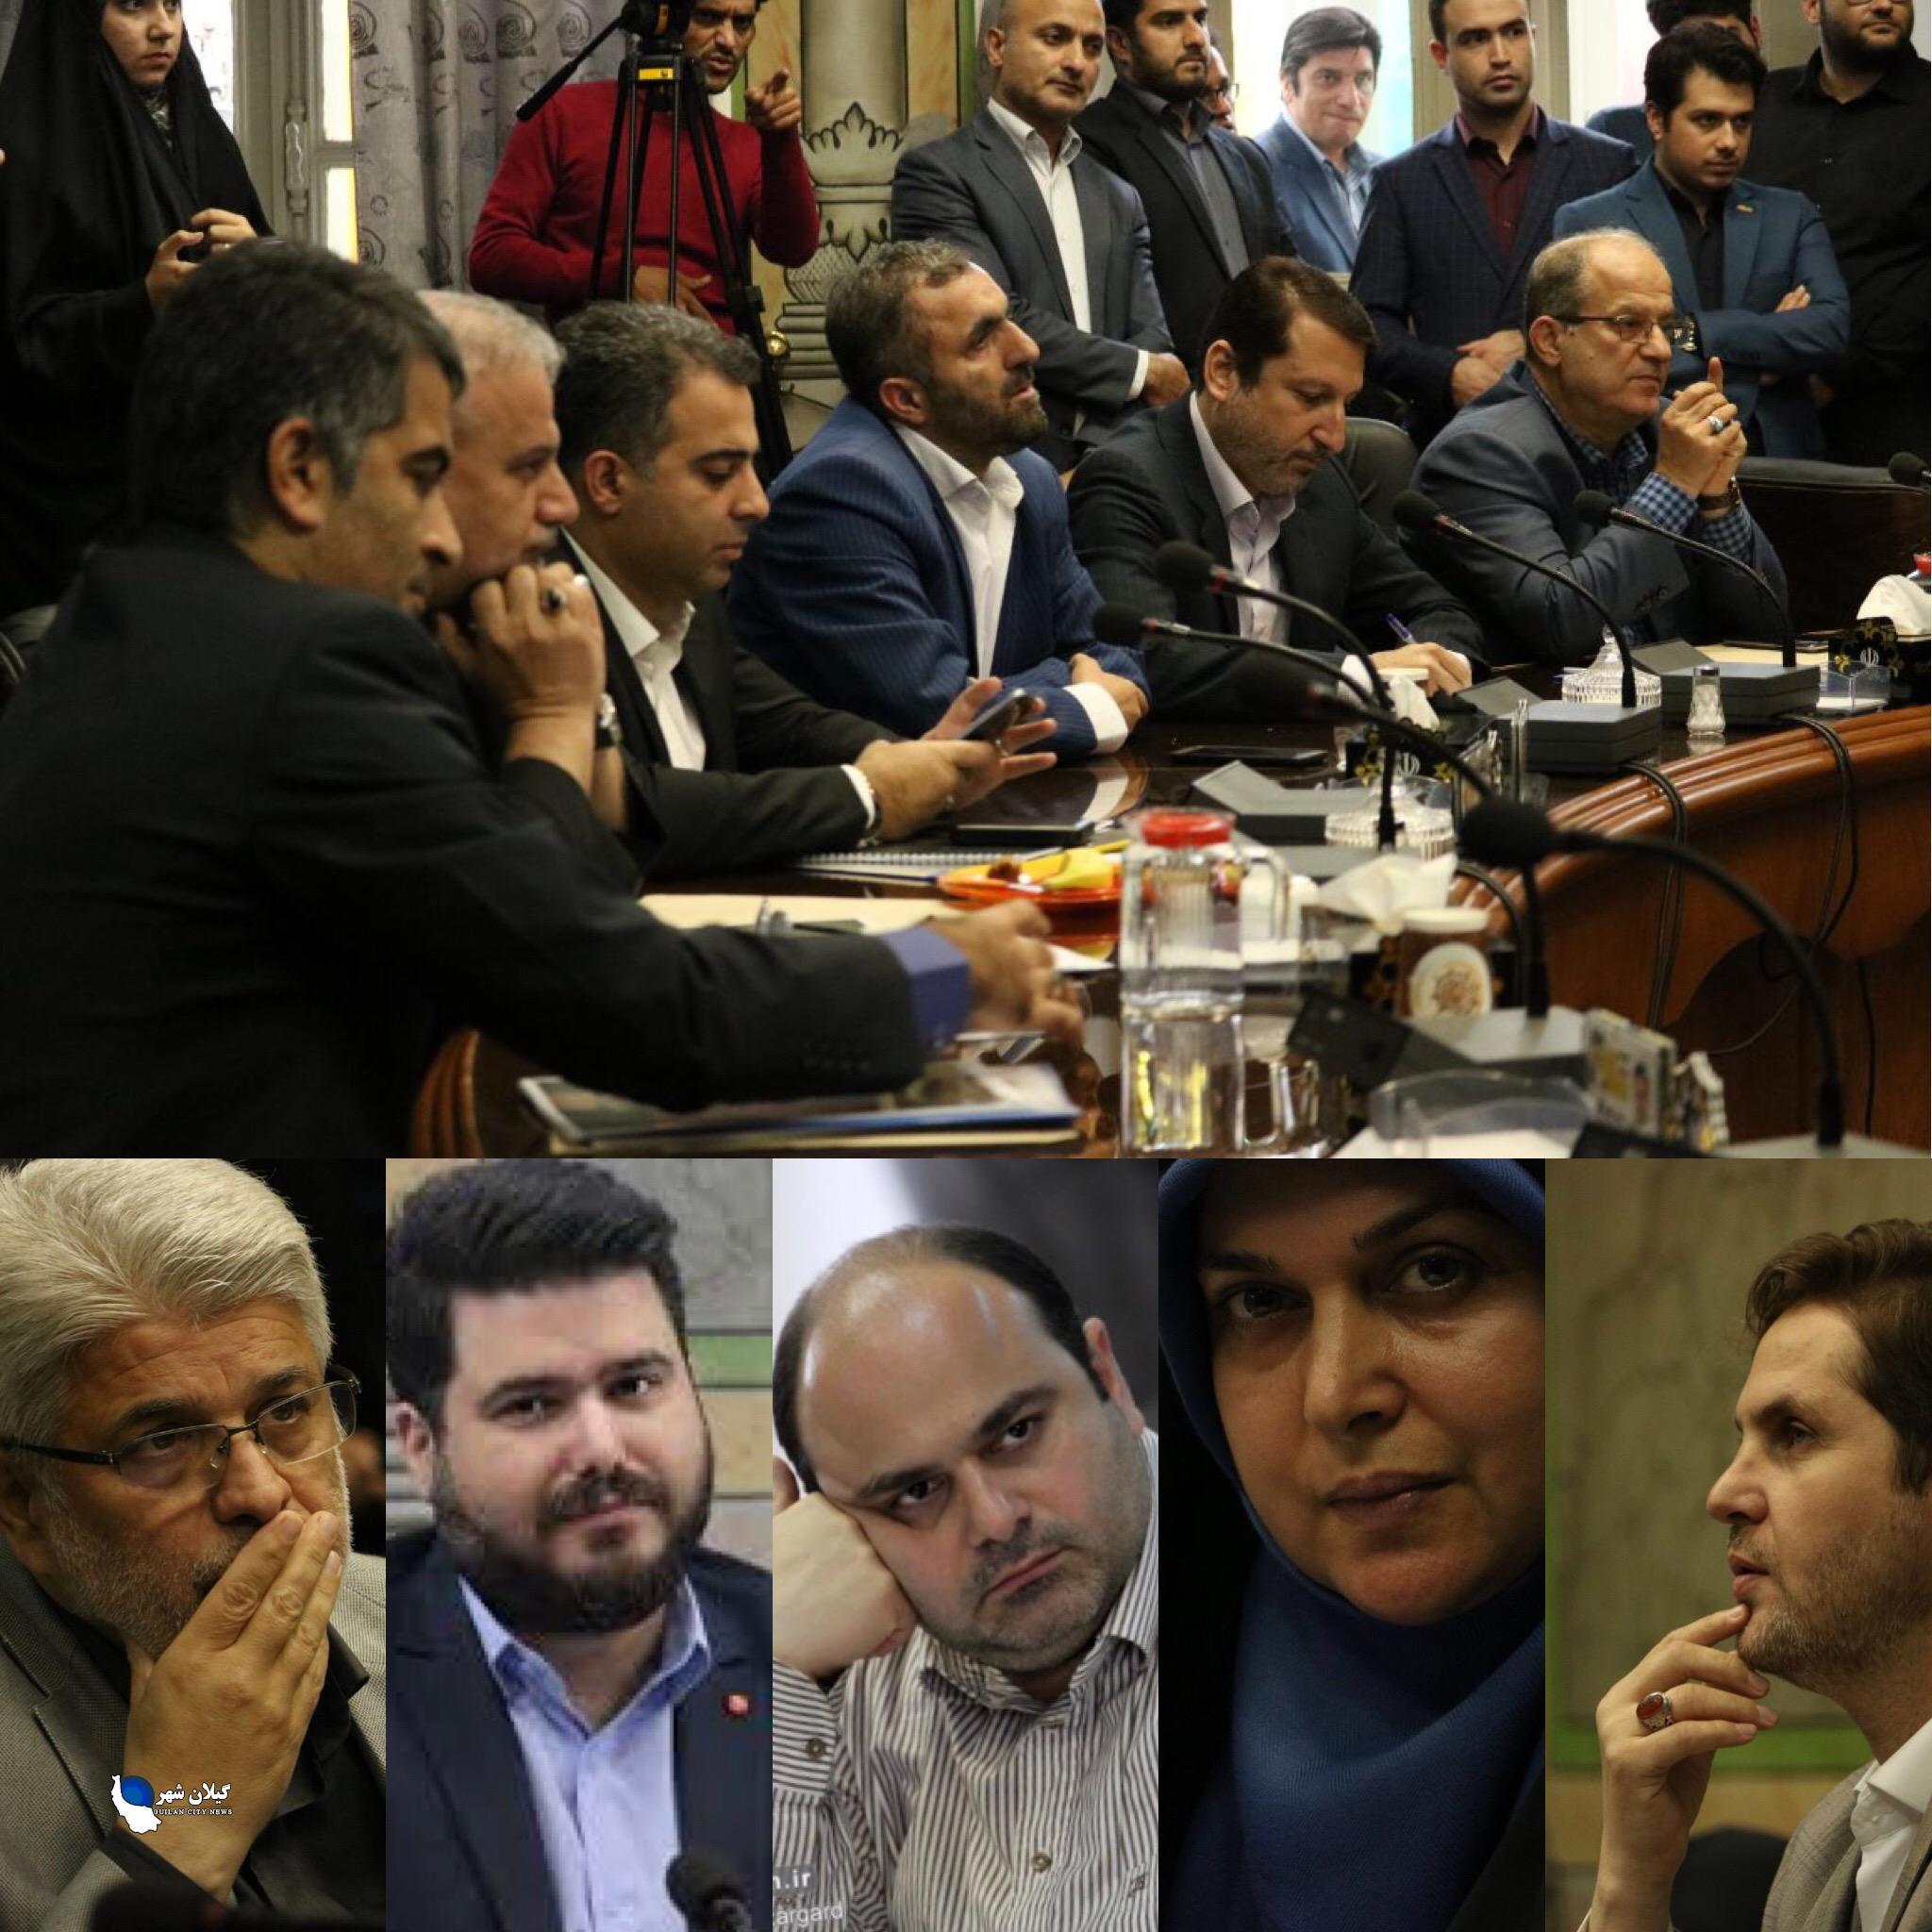 واقعیت عدم حضور ۱+۴ عضو شورا در انتخاب شهردار